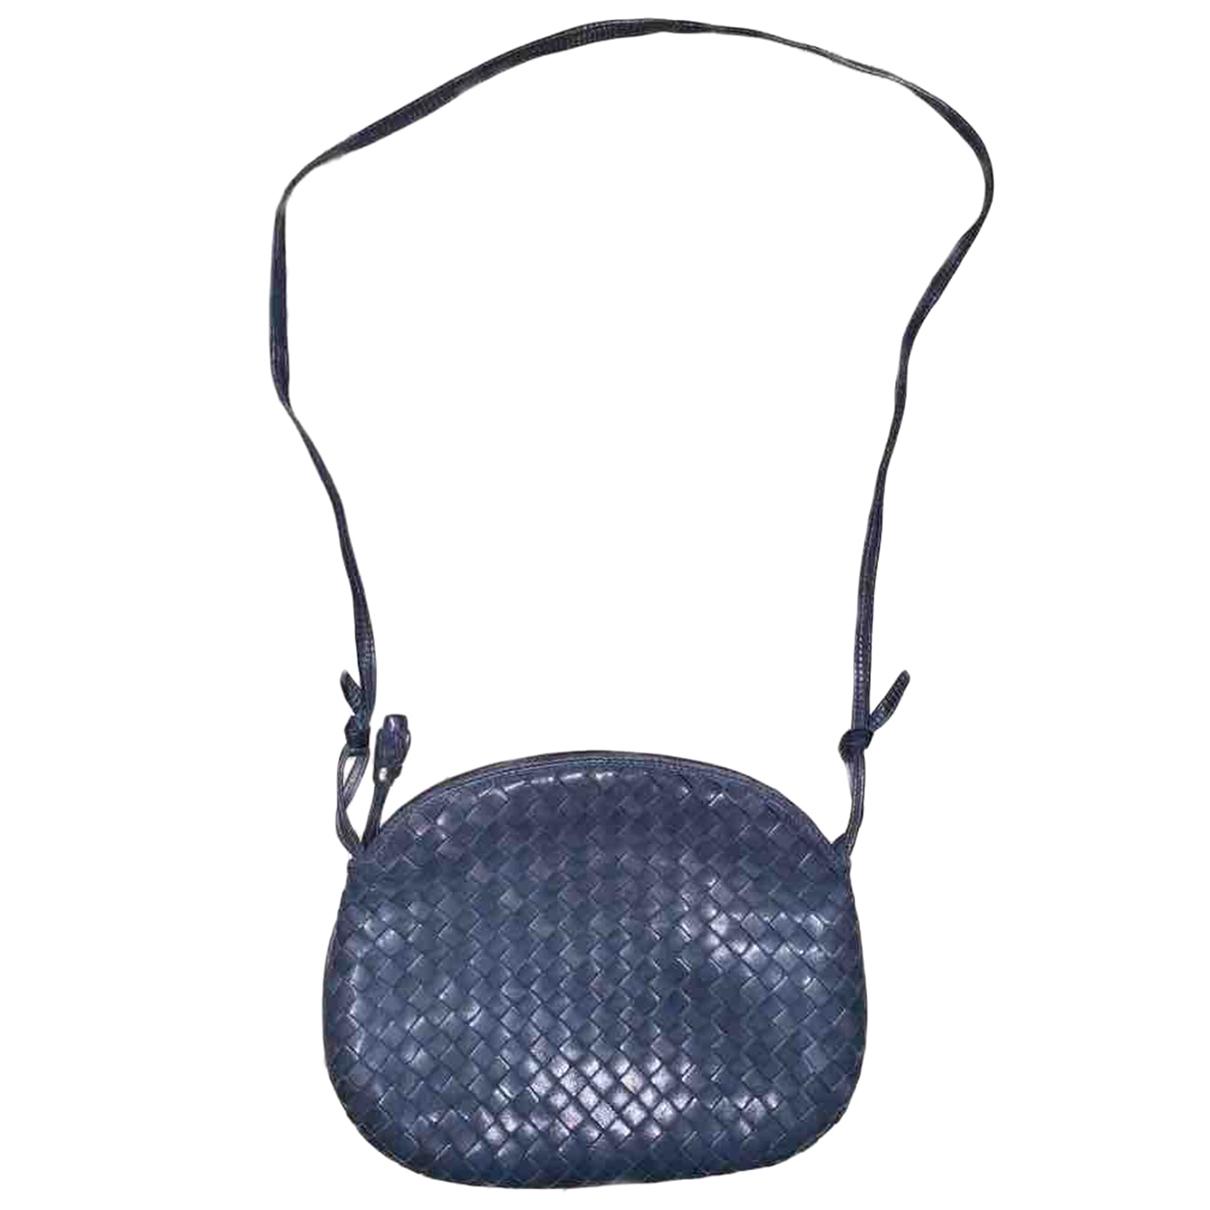 Bottega Veneta \N Blue Leather handbag for Women \N